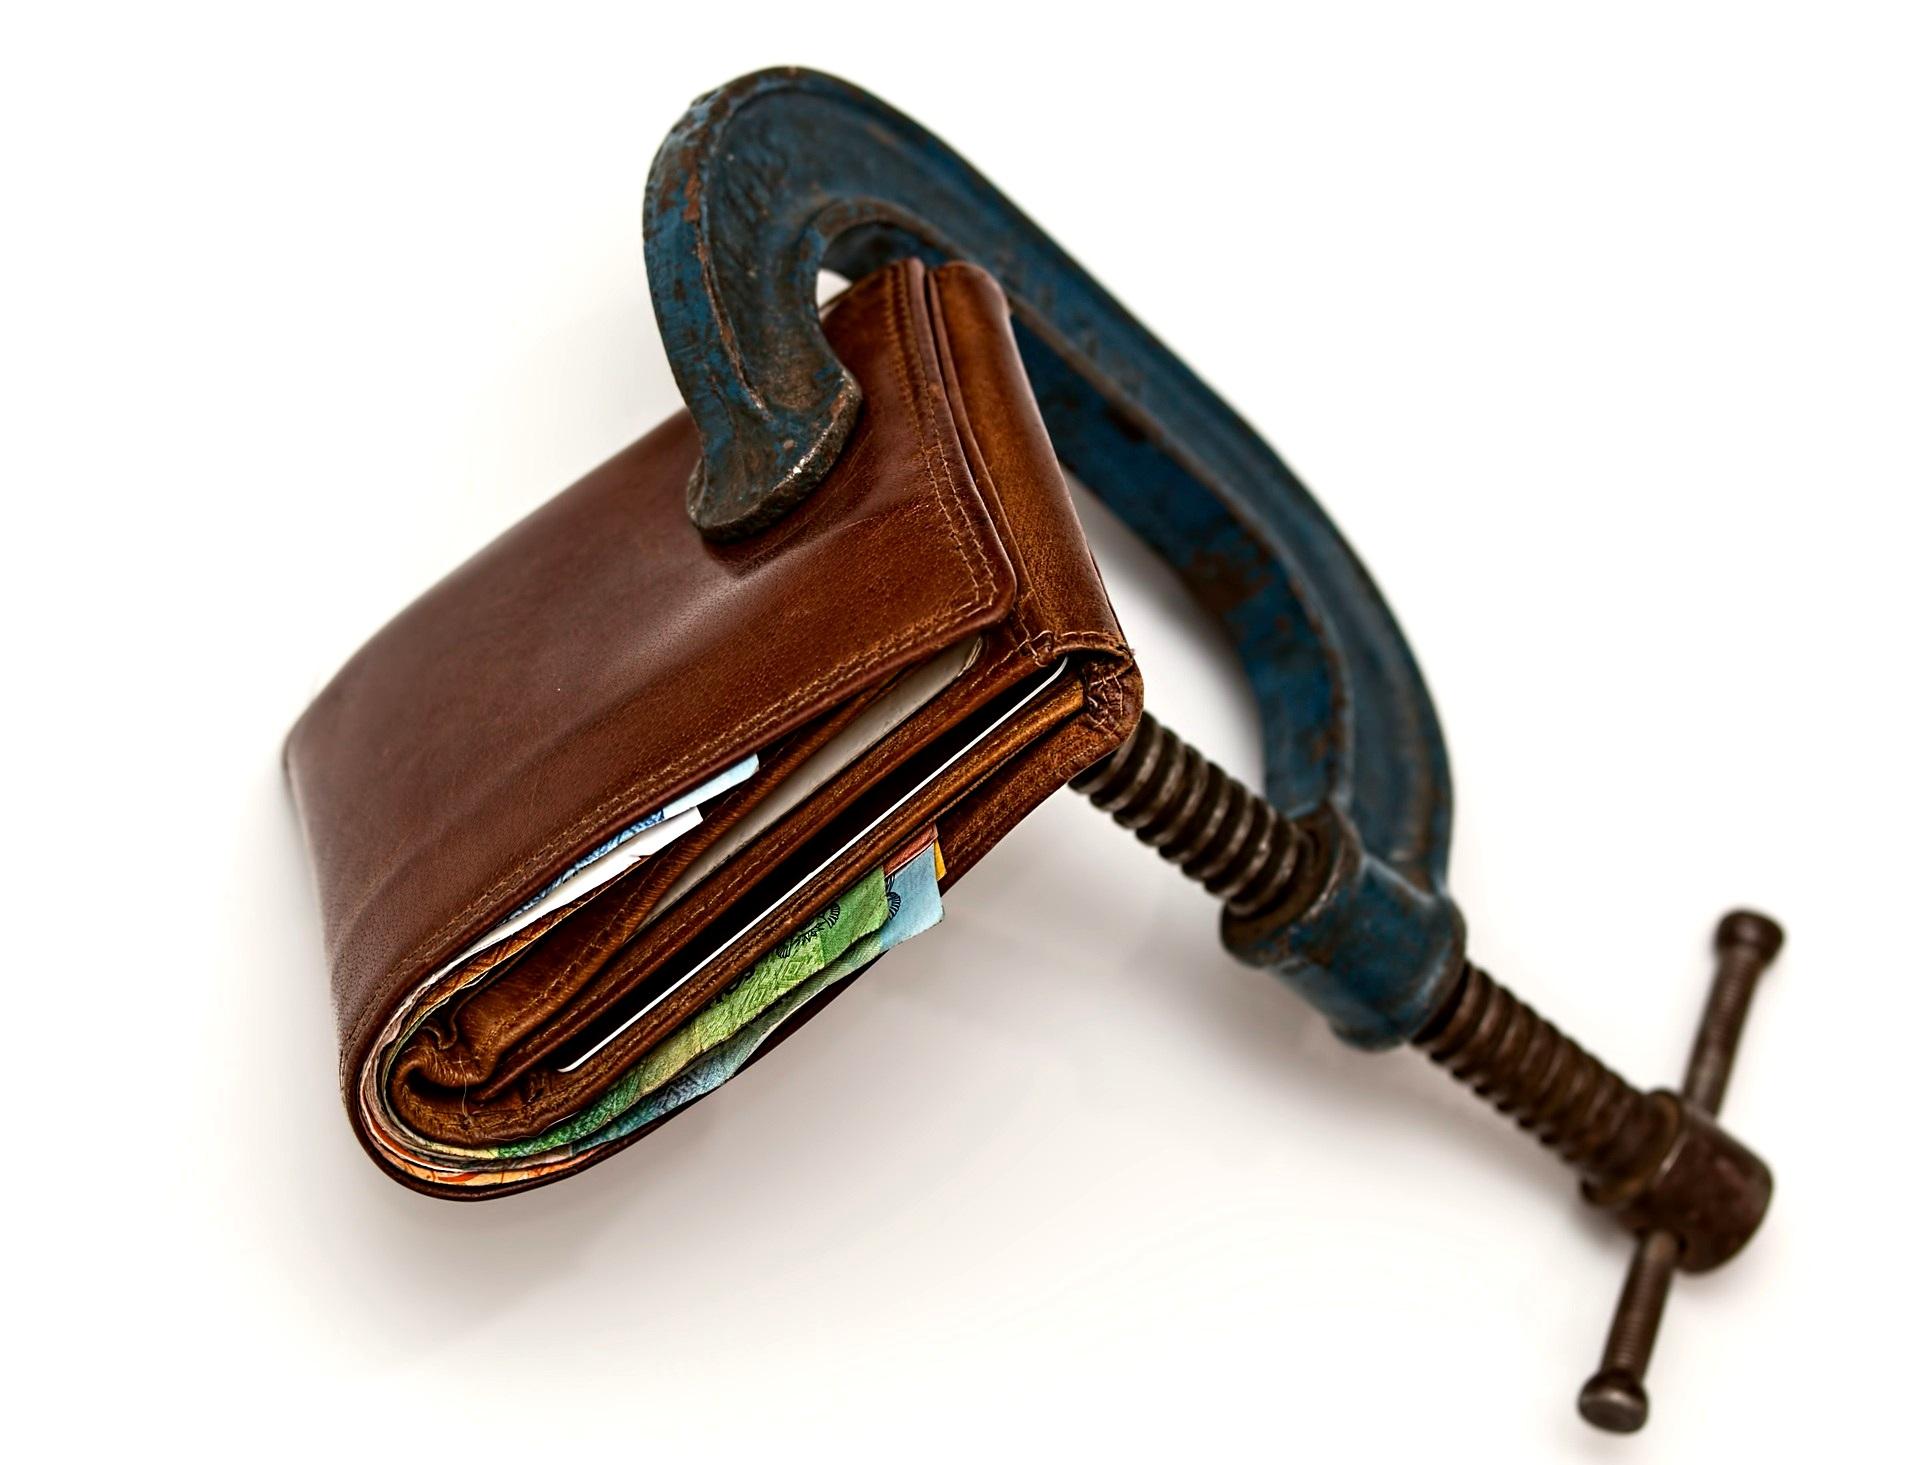 Verkauf direkt am Telefon Königsdisziplin Kaltakquise Aquririeren Stimme telefonieren Ulrike Knauer Verkaufstraining Elevator Pitch W-Fragen Akquise verkaufen Telefonakquise verkaufen Budget